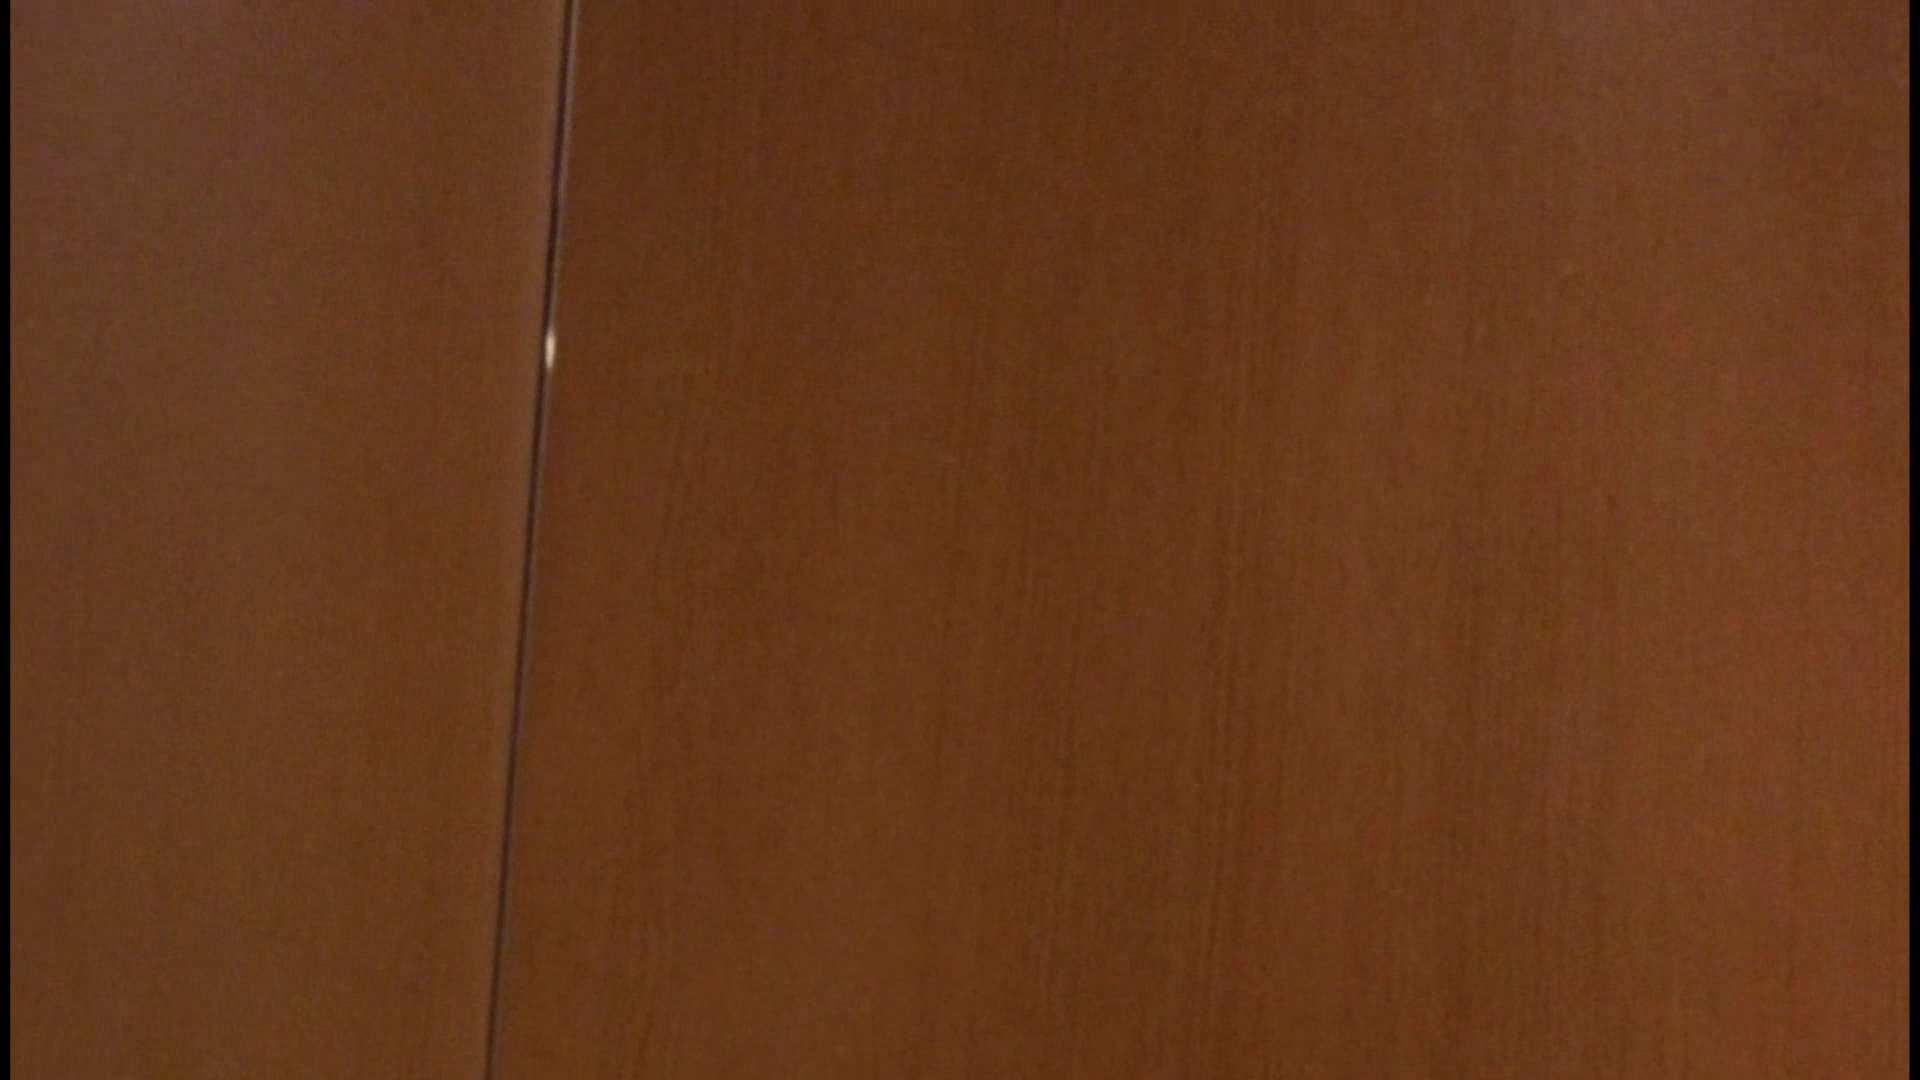 「噂」の国の厠観察日記2 Vol.08 OLハメ撮り  111Pix 90